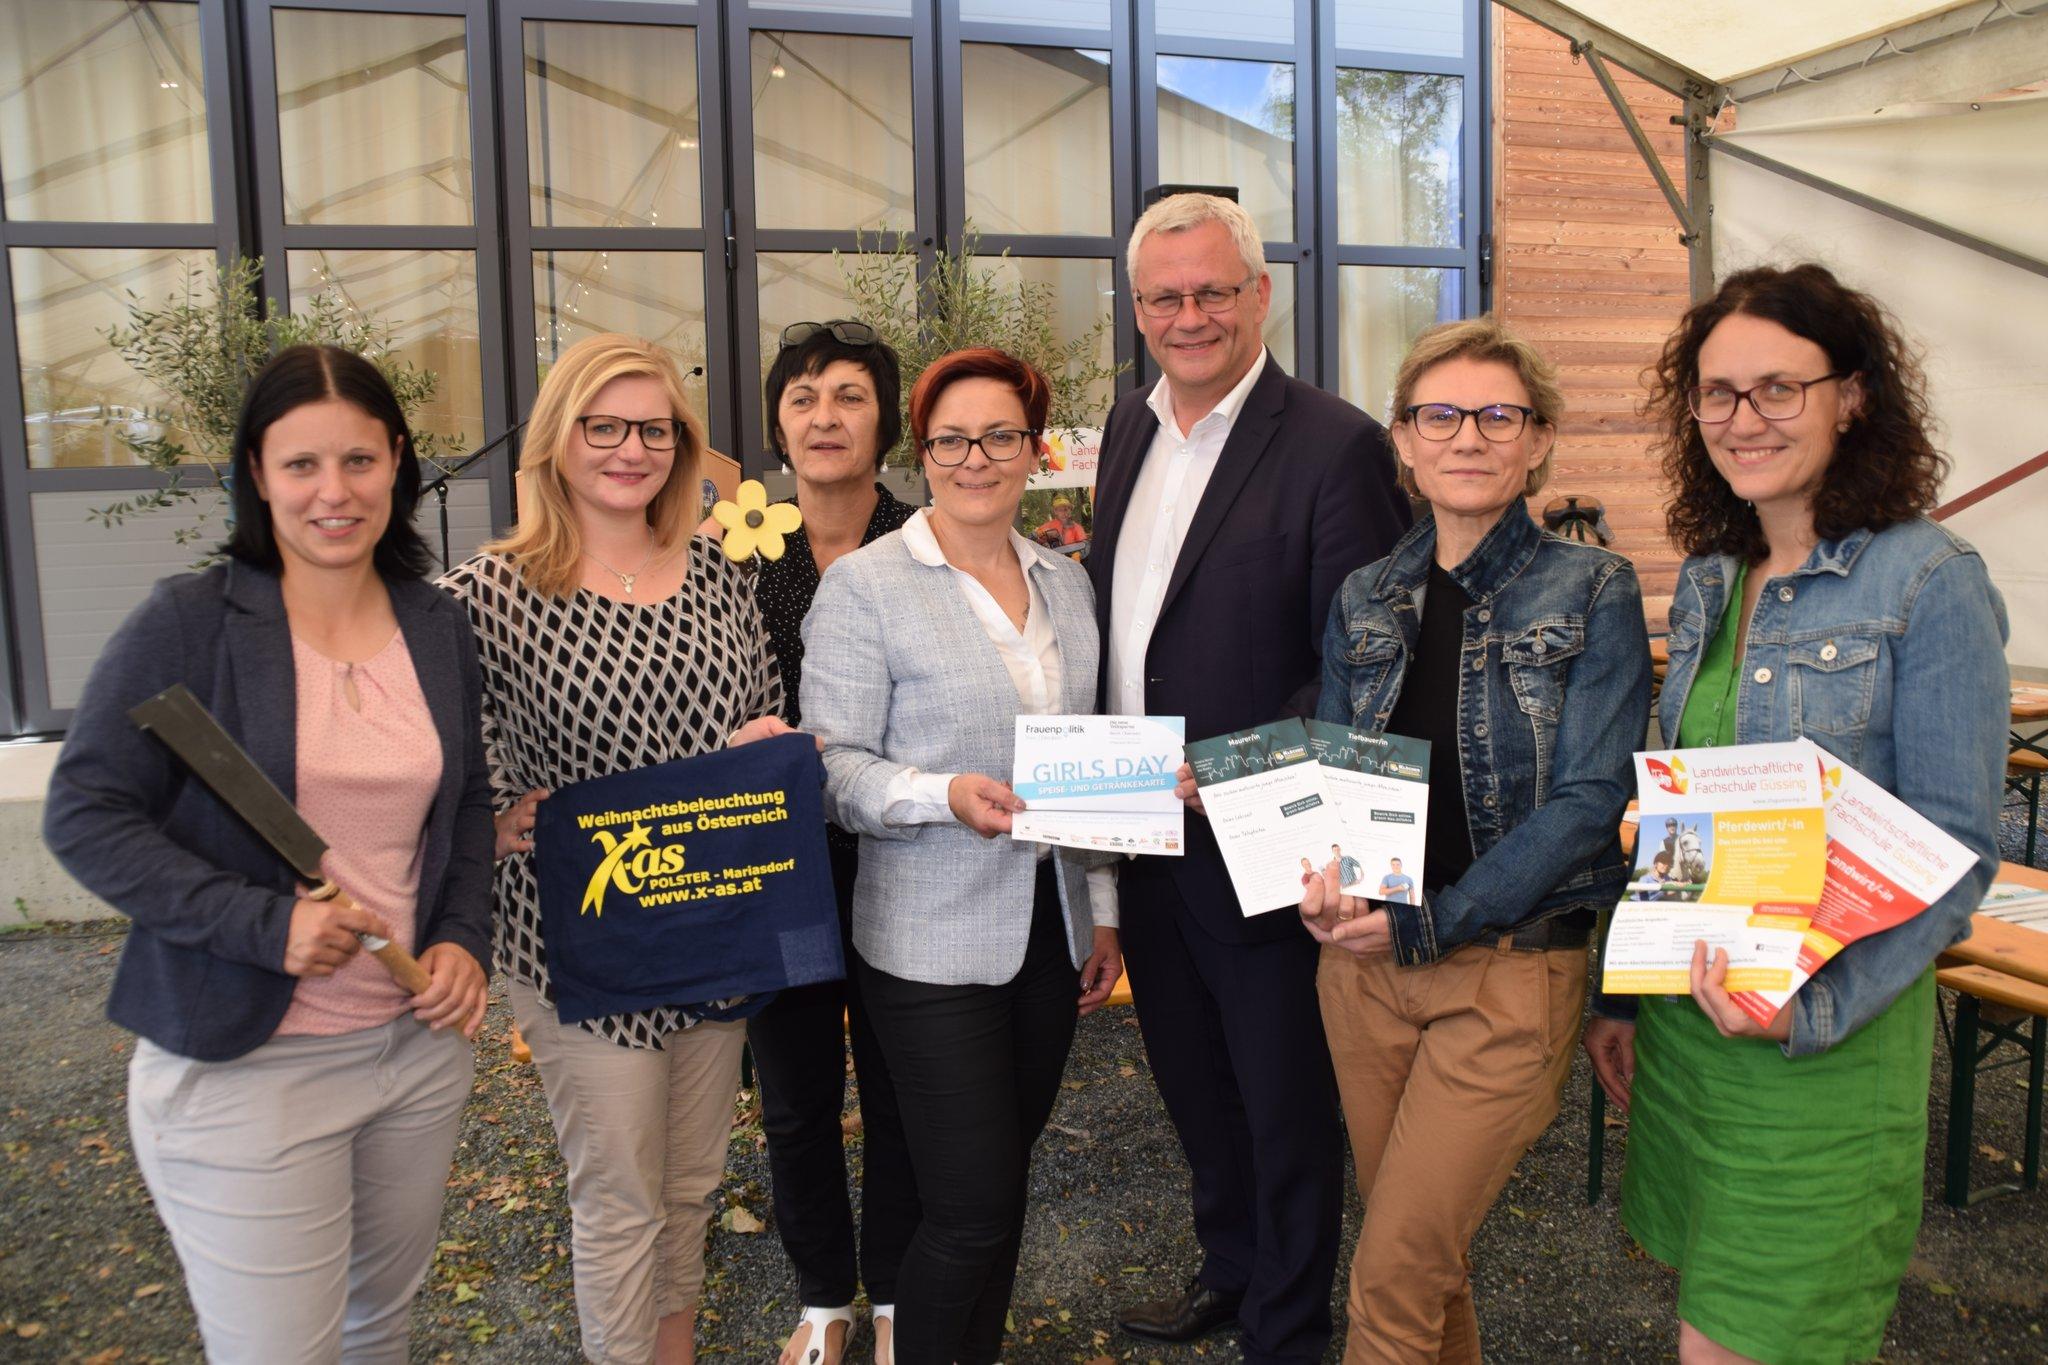 Ottensheim stadt kennenlernen - Bernstein frauen treffen frauen